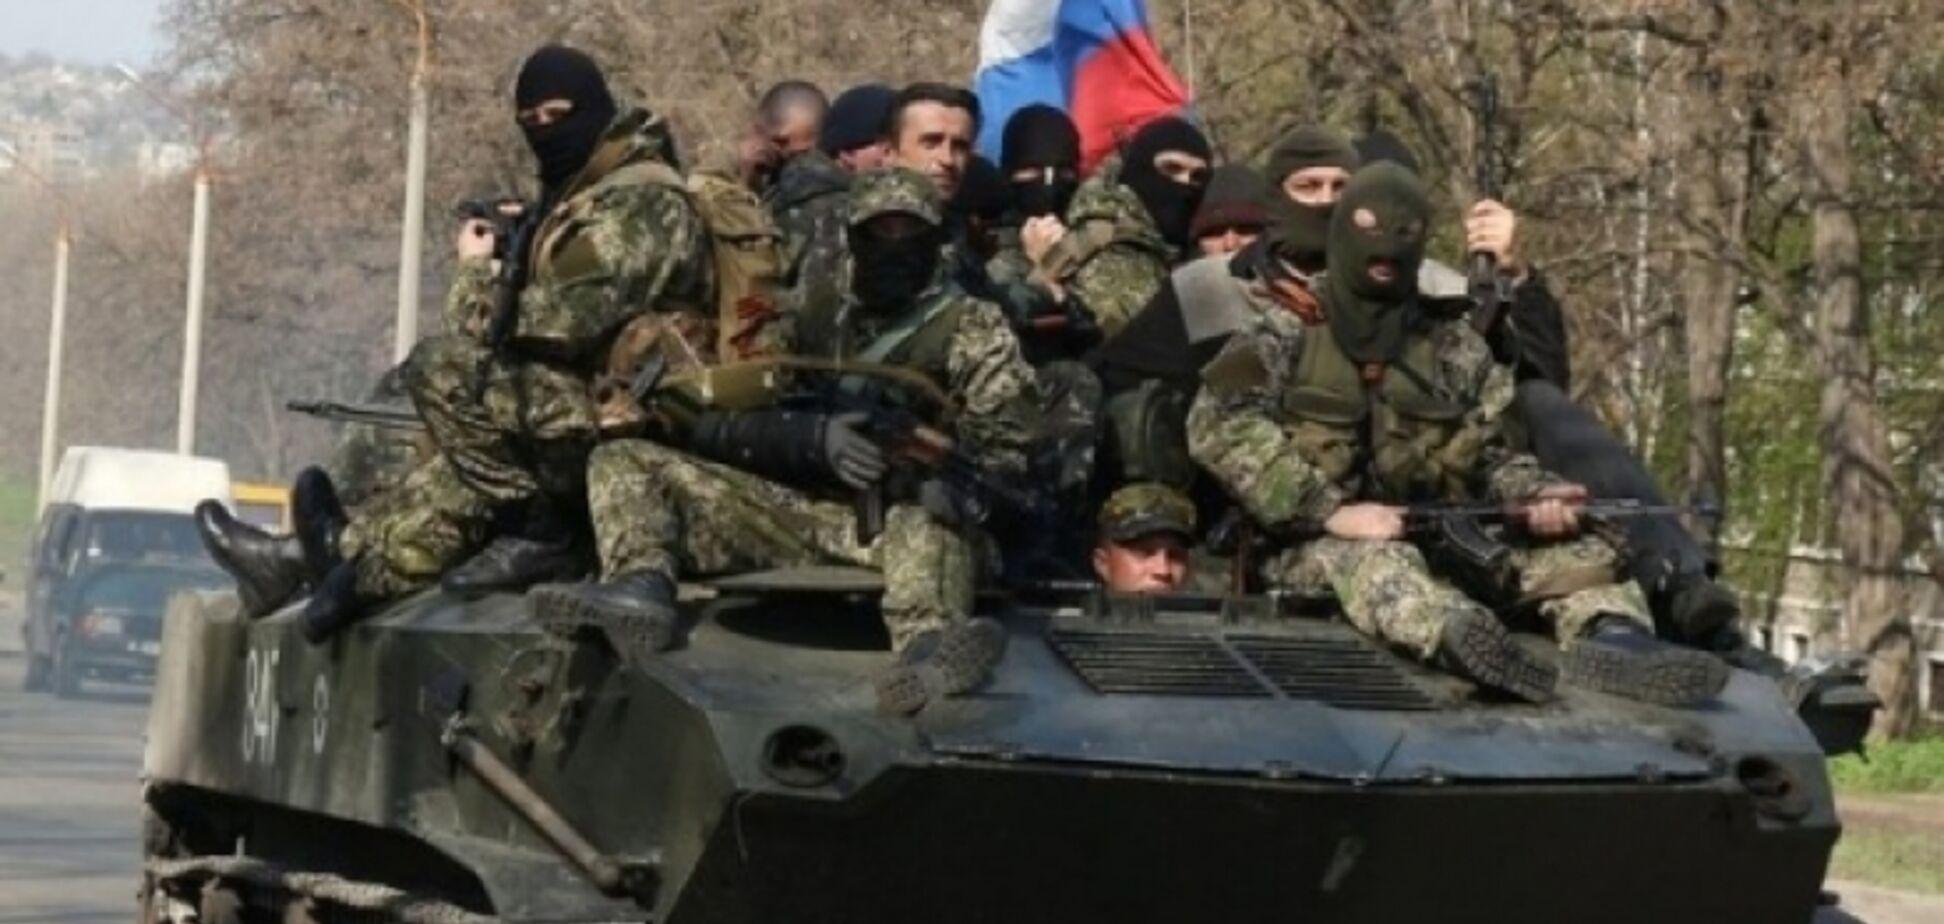 Багато військової техніки: знайдена велика база російських окупантів в Луганську